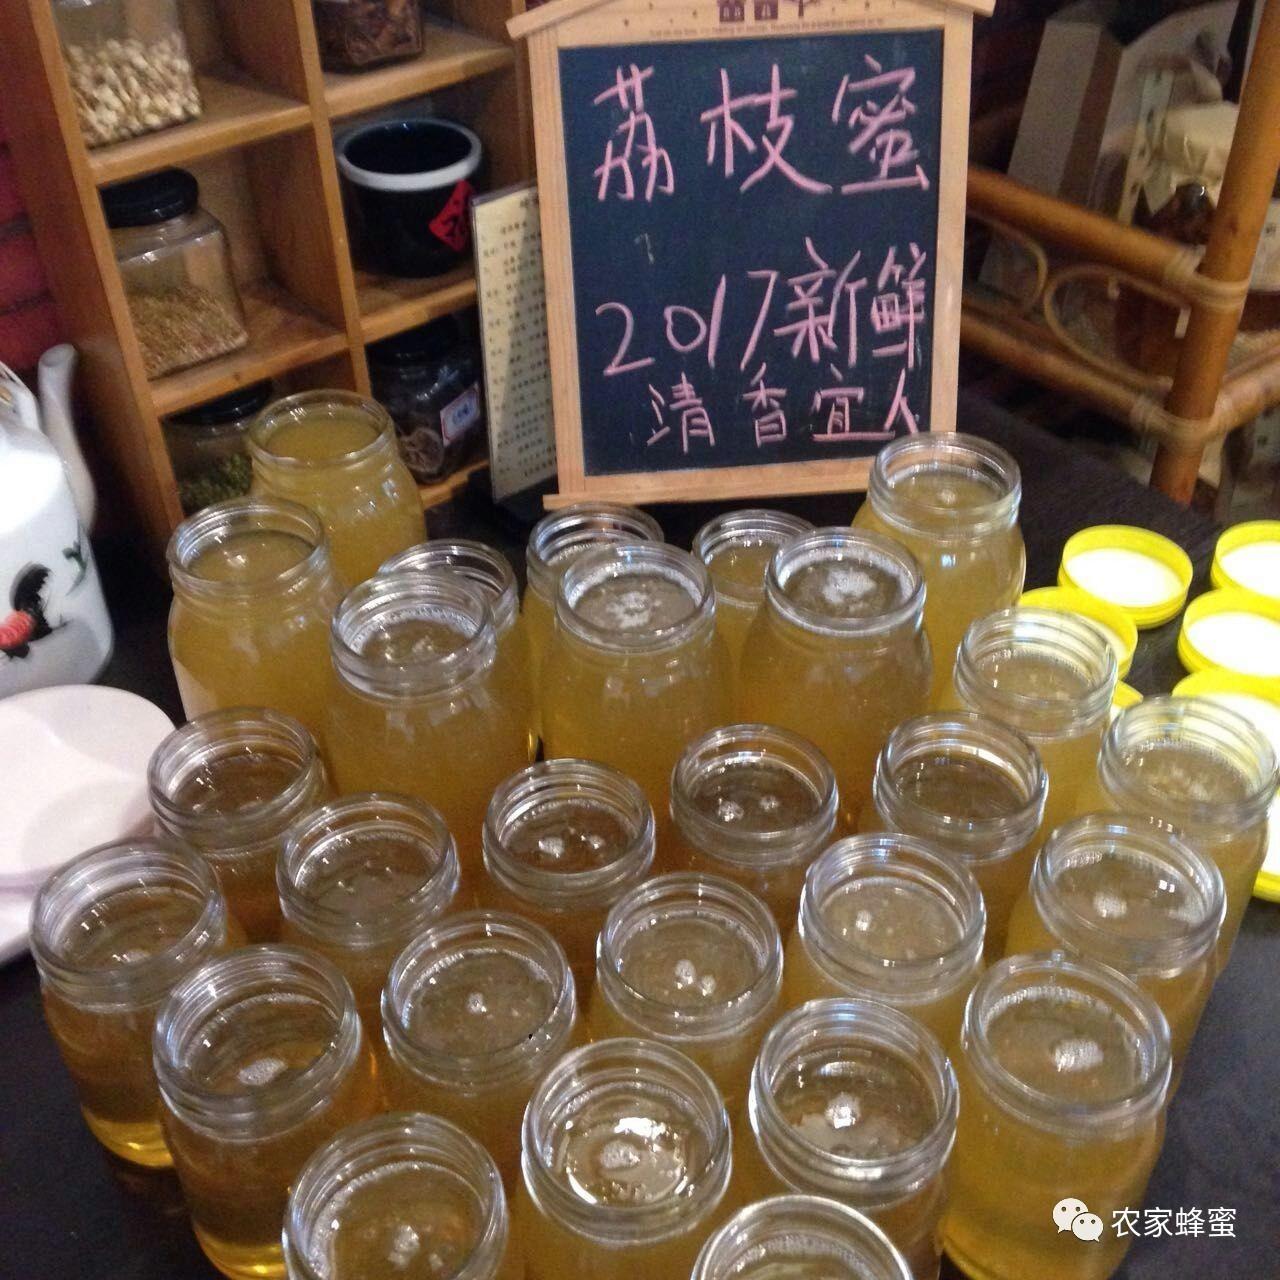 什么蜂蜜美容 蜂蜜怎么美白 蜂蜜供应 生姜蜂蜜水的作用 用蜂蜜自制去皱眼霜